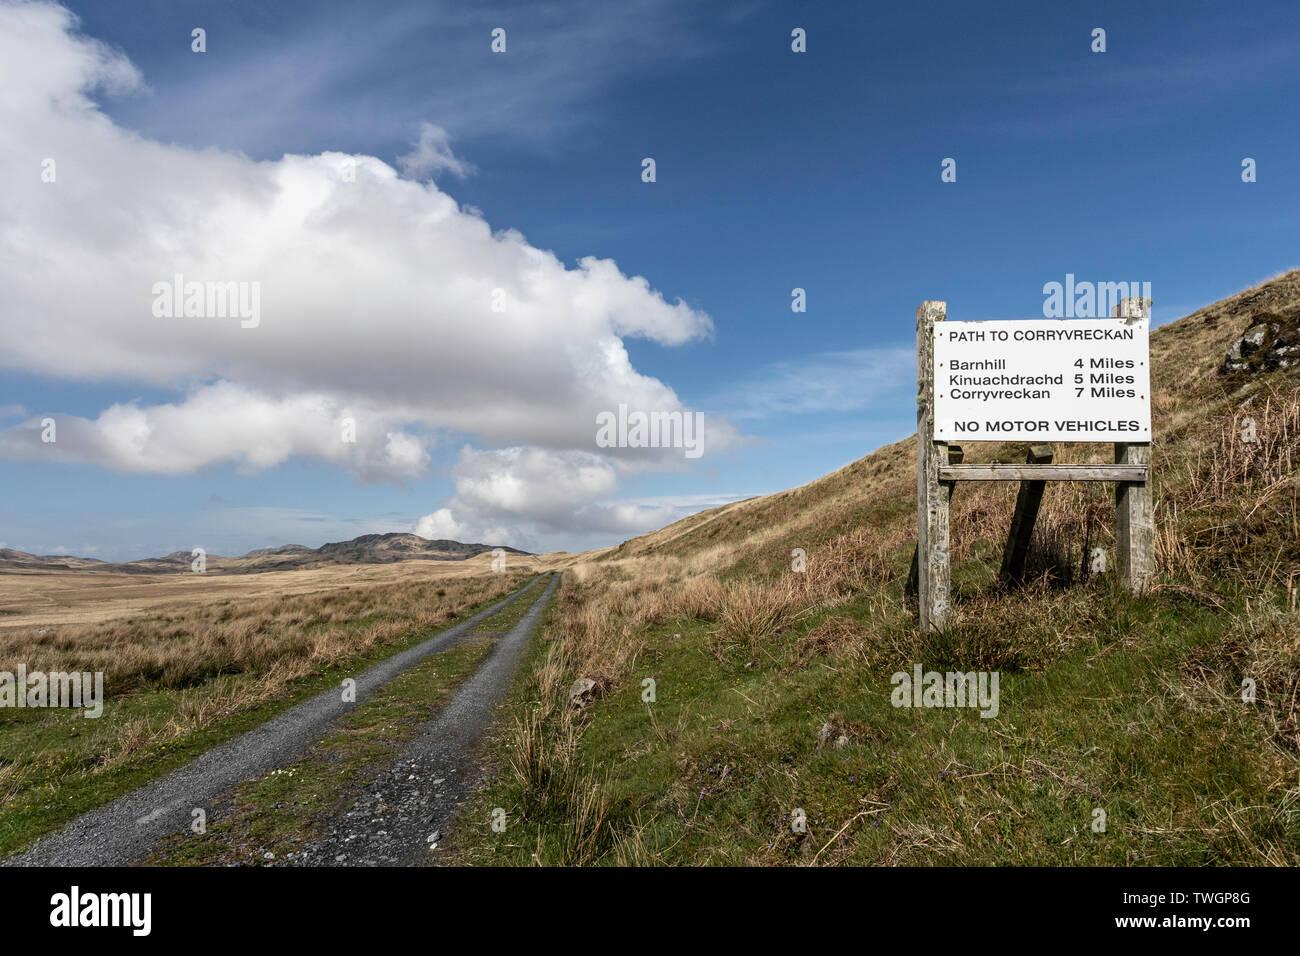 La route de Barnhill (où George Orwell a écrit '1984') et de Corryvreckan. Jura, Hébrides, Ecosse Banque D'Images